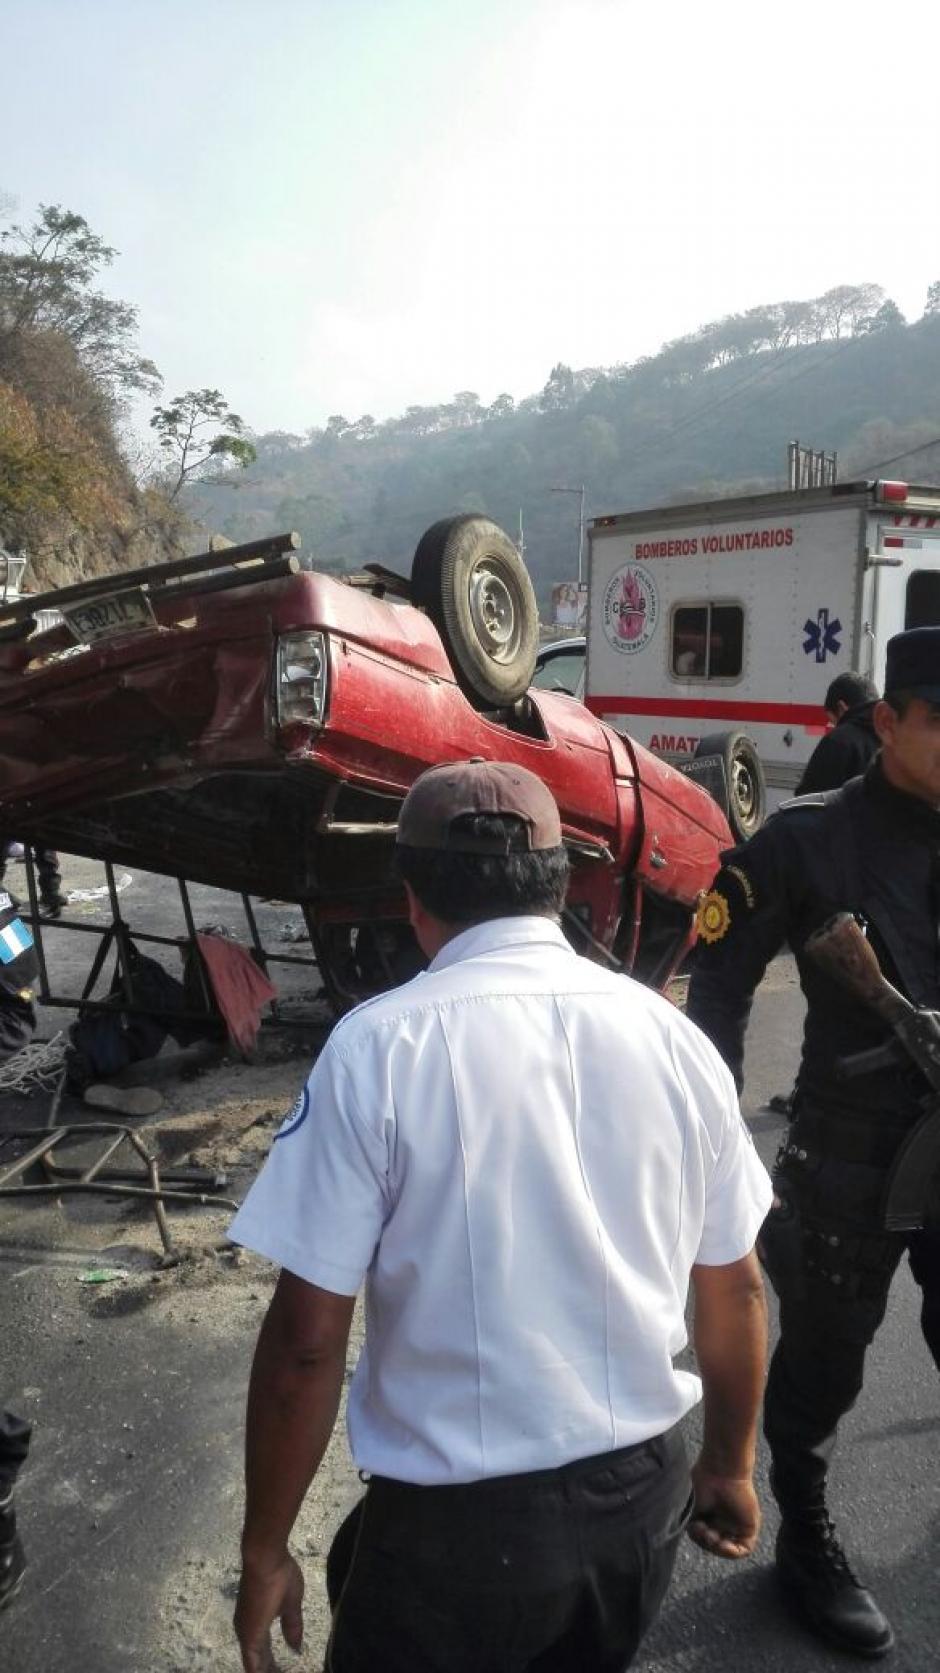 El vehículo quedó volcado, se desconocen las causas del accidente. (Foto: Bomberos Voluntarios)